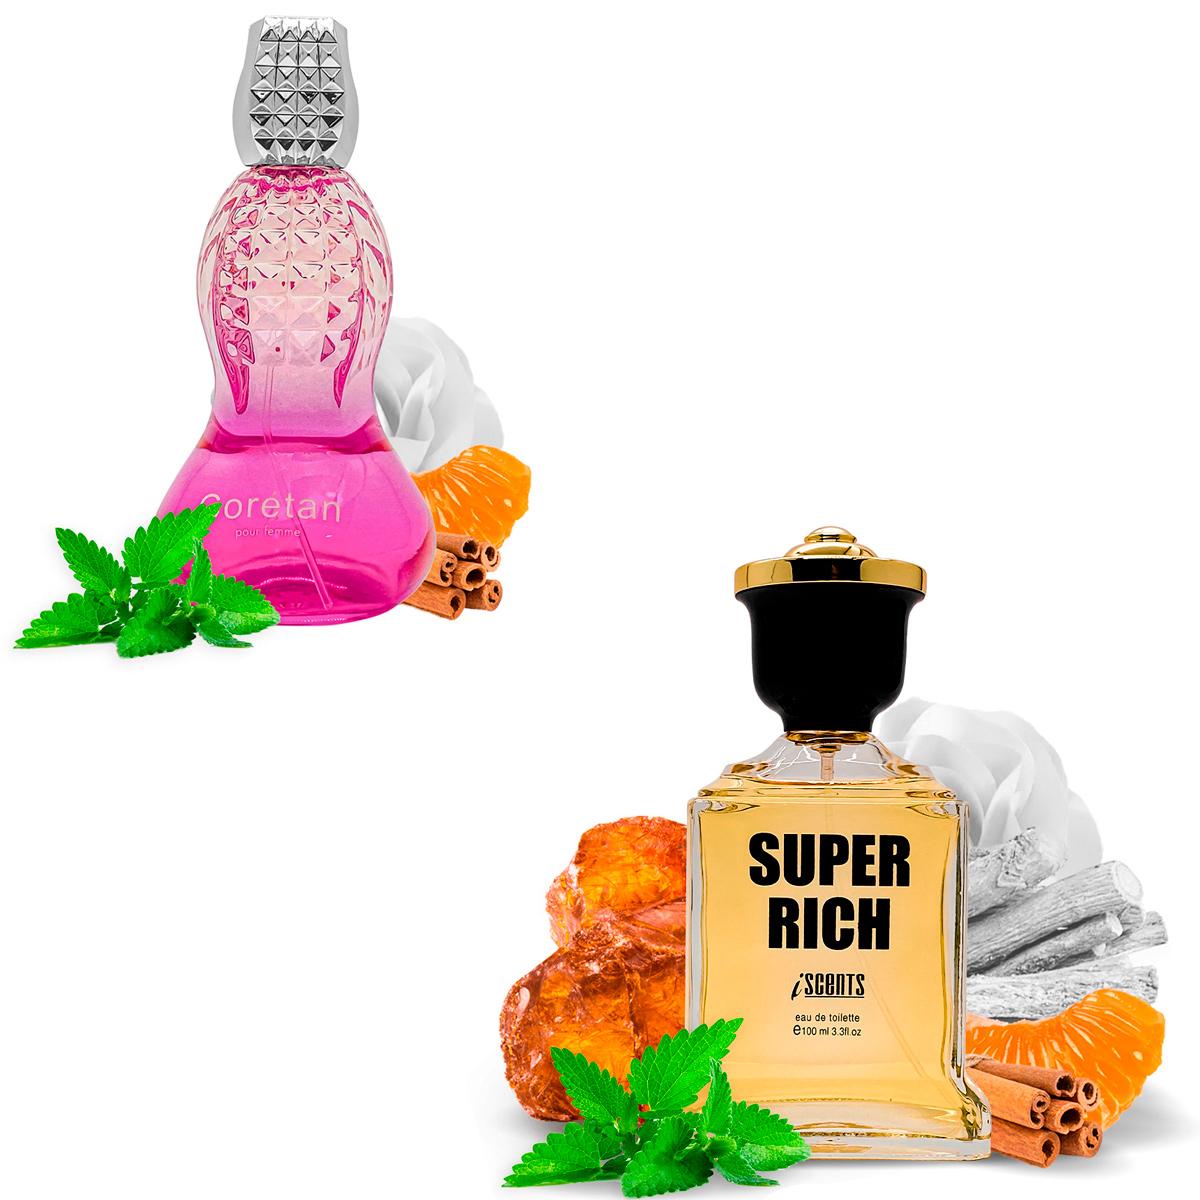 Kit 2 Perfumes Importados Coretan e Super Rich I Scents